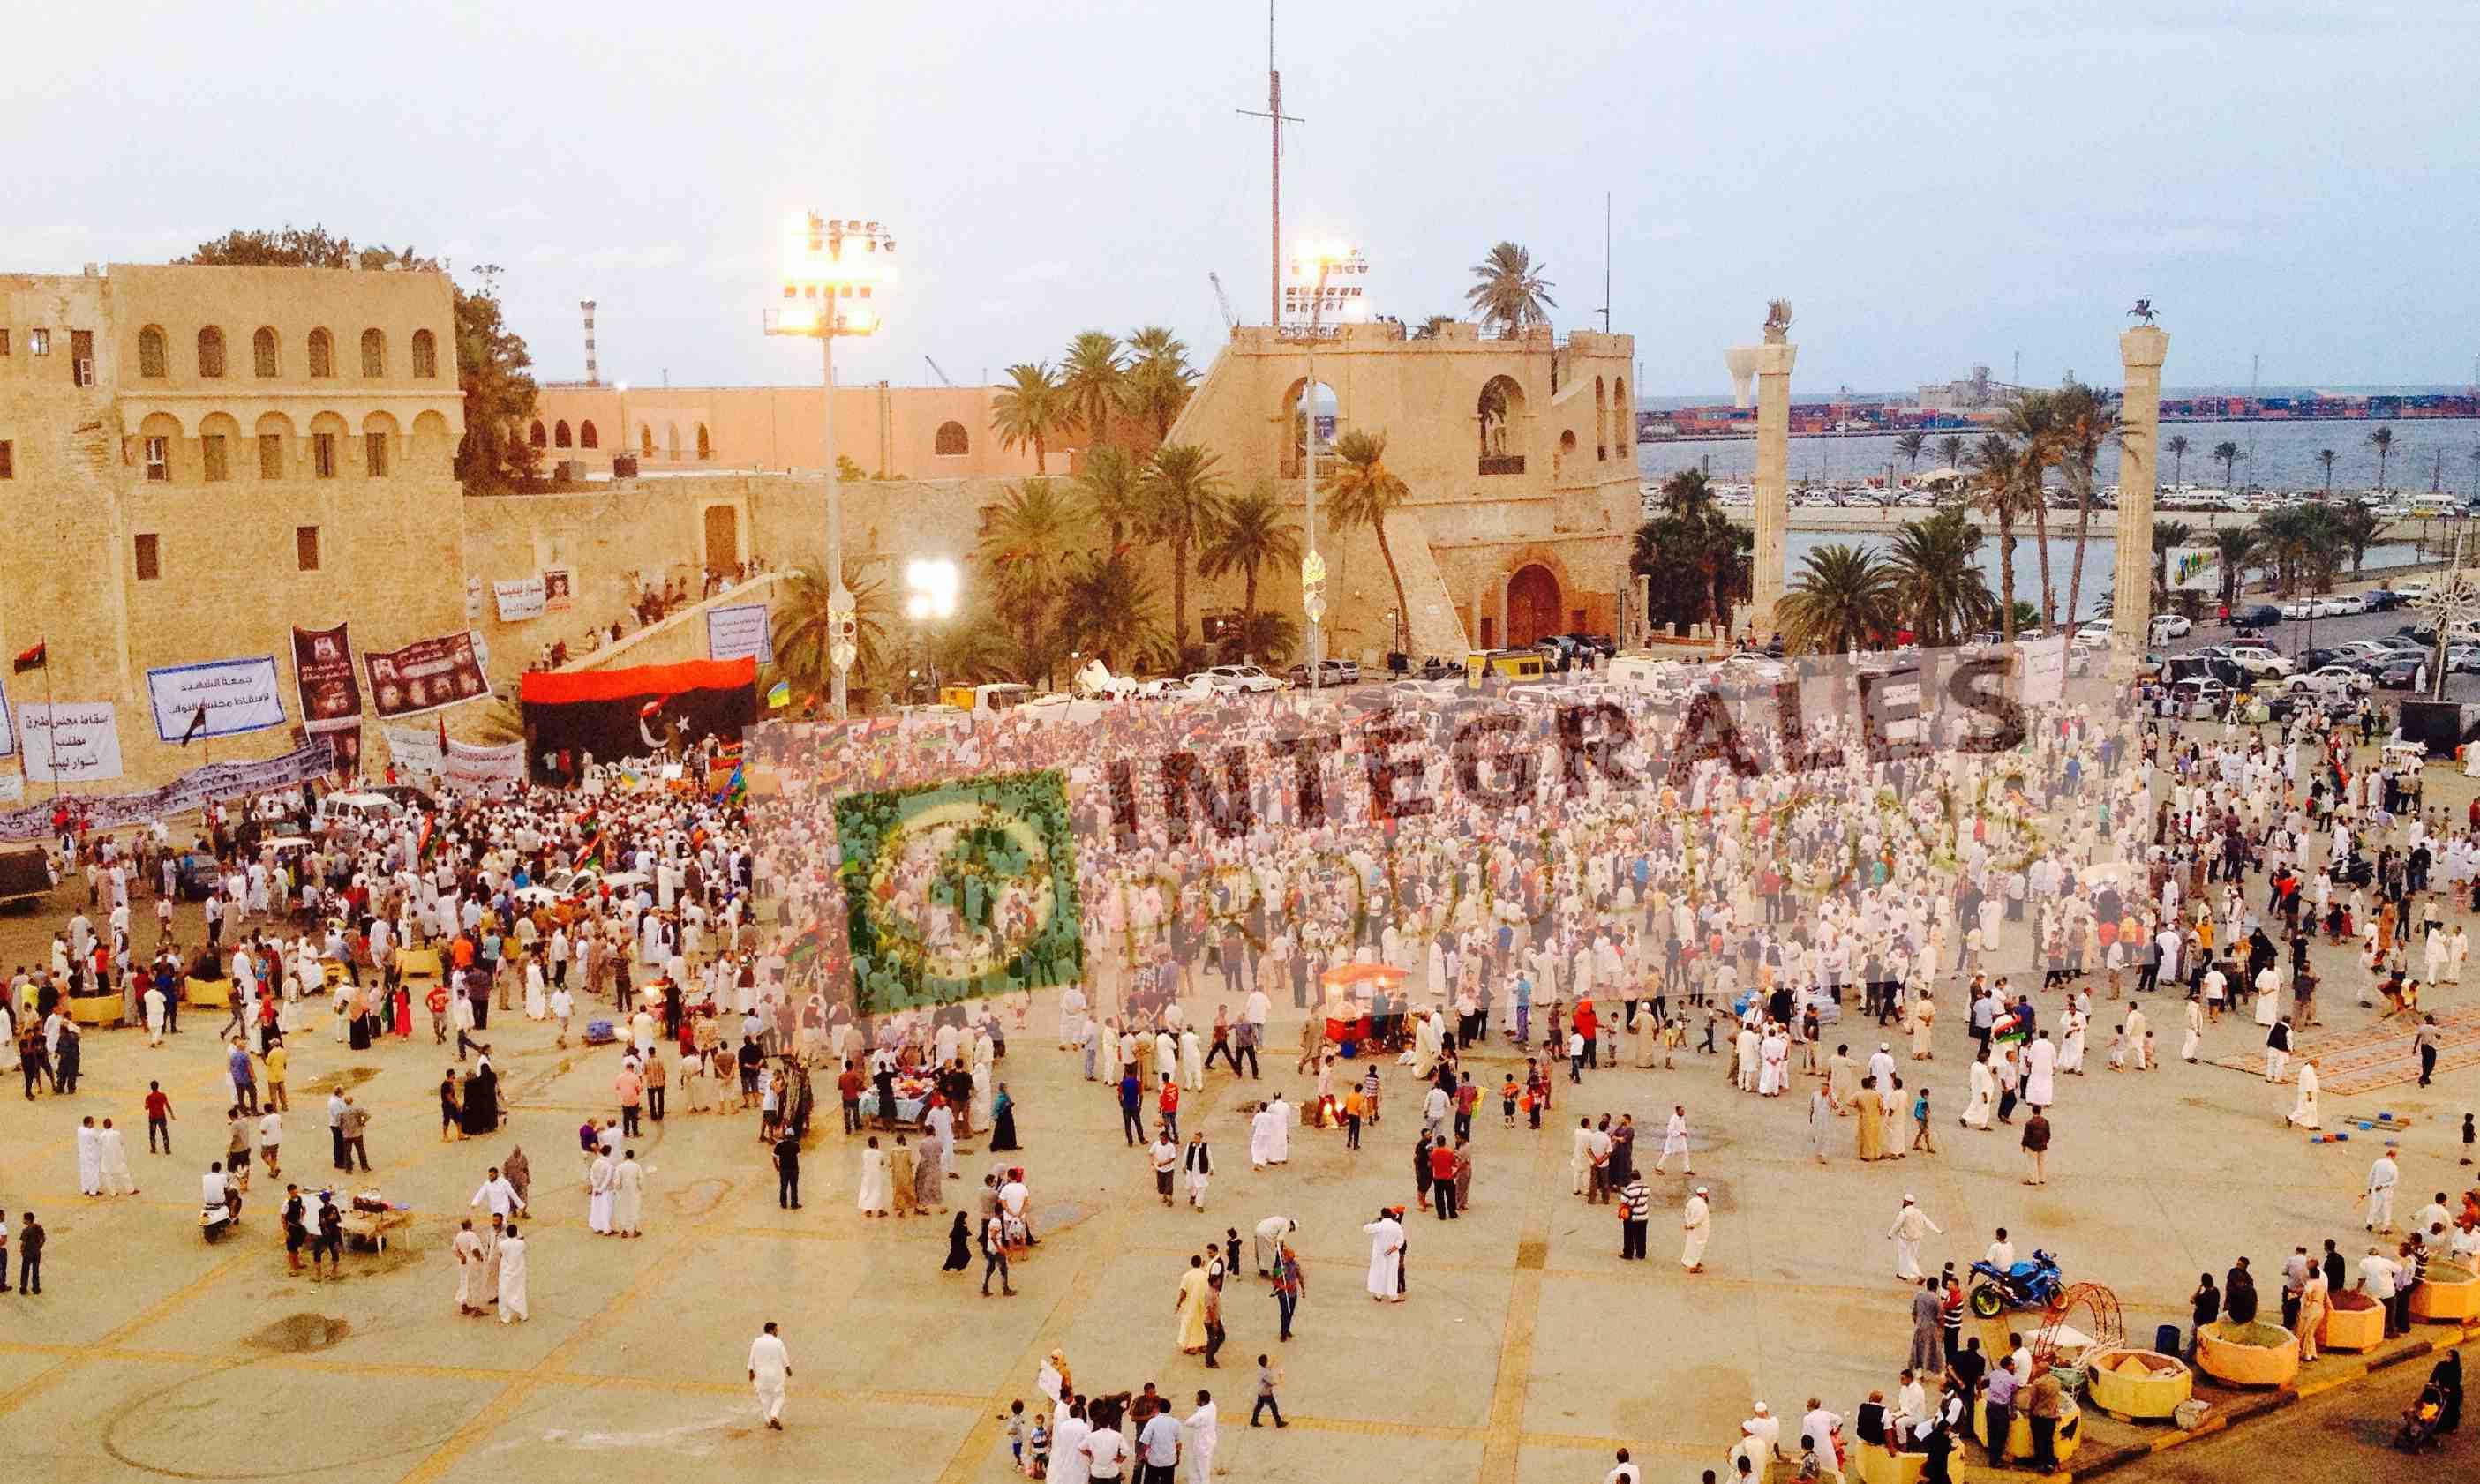 Place des Martyrs, à Tripoli, en octobre dernier. Photo : Intégrales productions